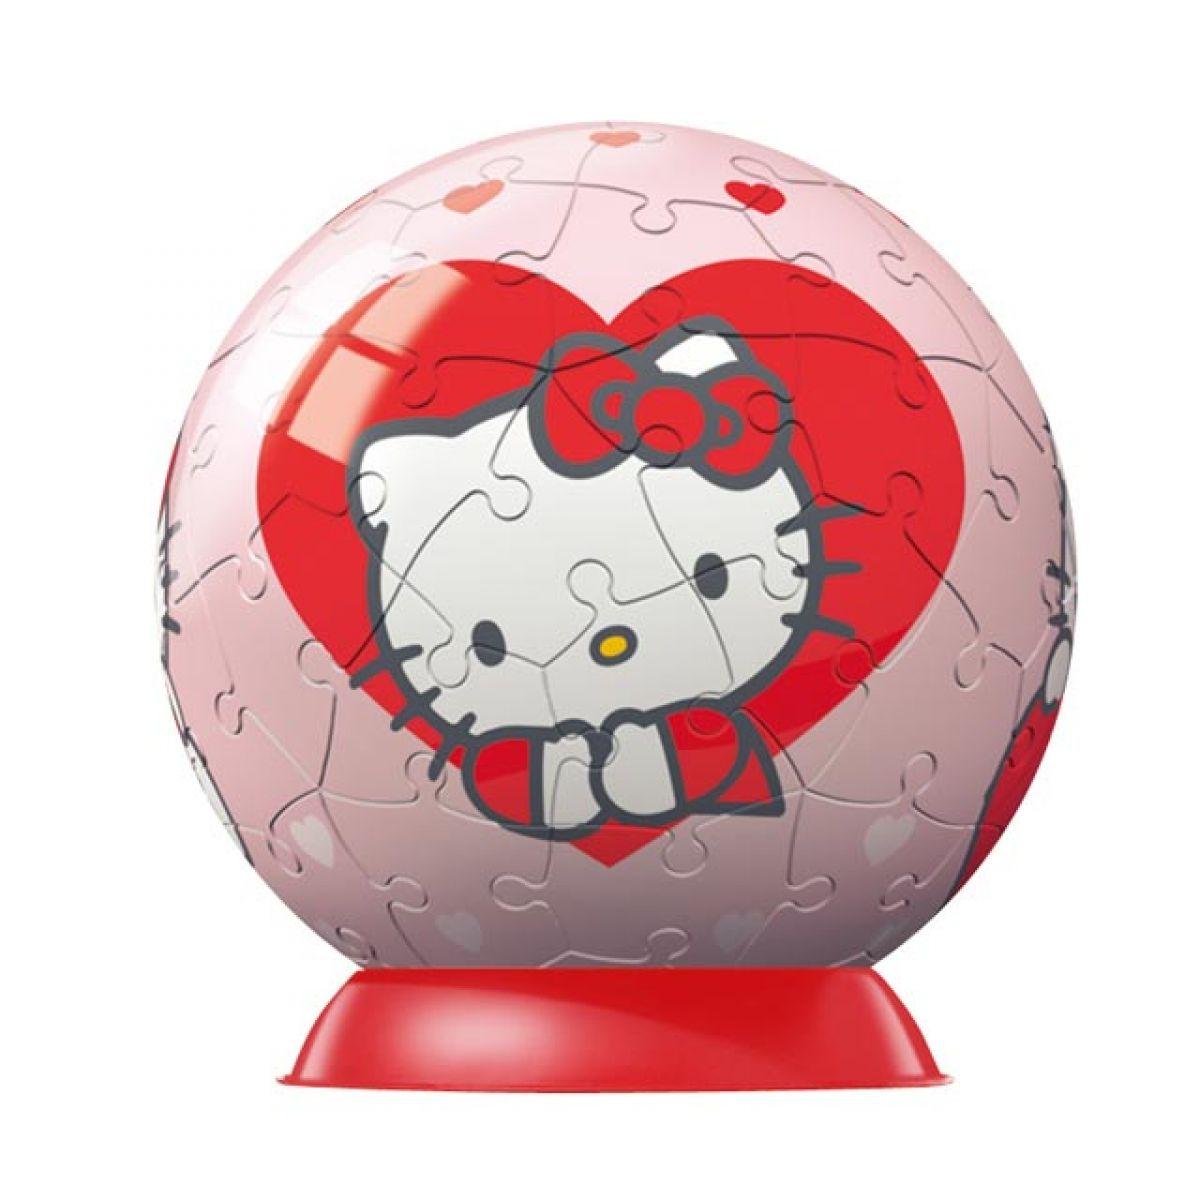 Ravensburger 09509 - Puzzleball Hello Kitty (60 dílků)